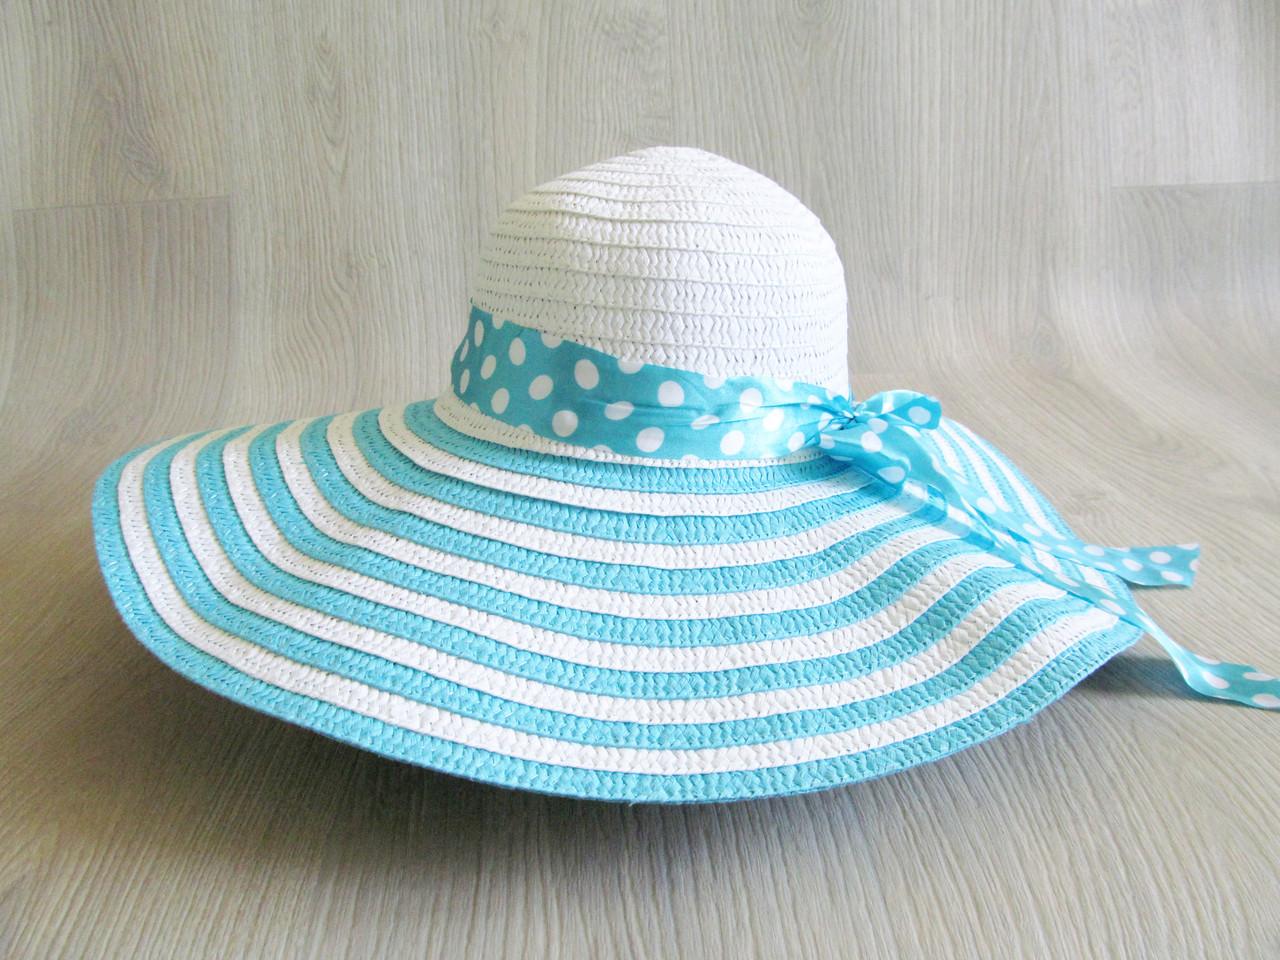 5d9f396bba02 Соломенная шляпа широкополая, пляжная шляпа, шляпка с лентой -